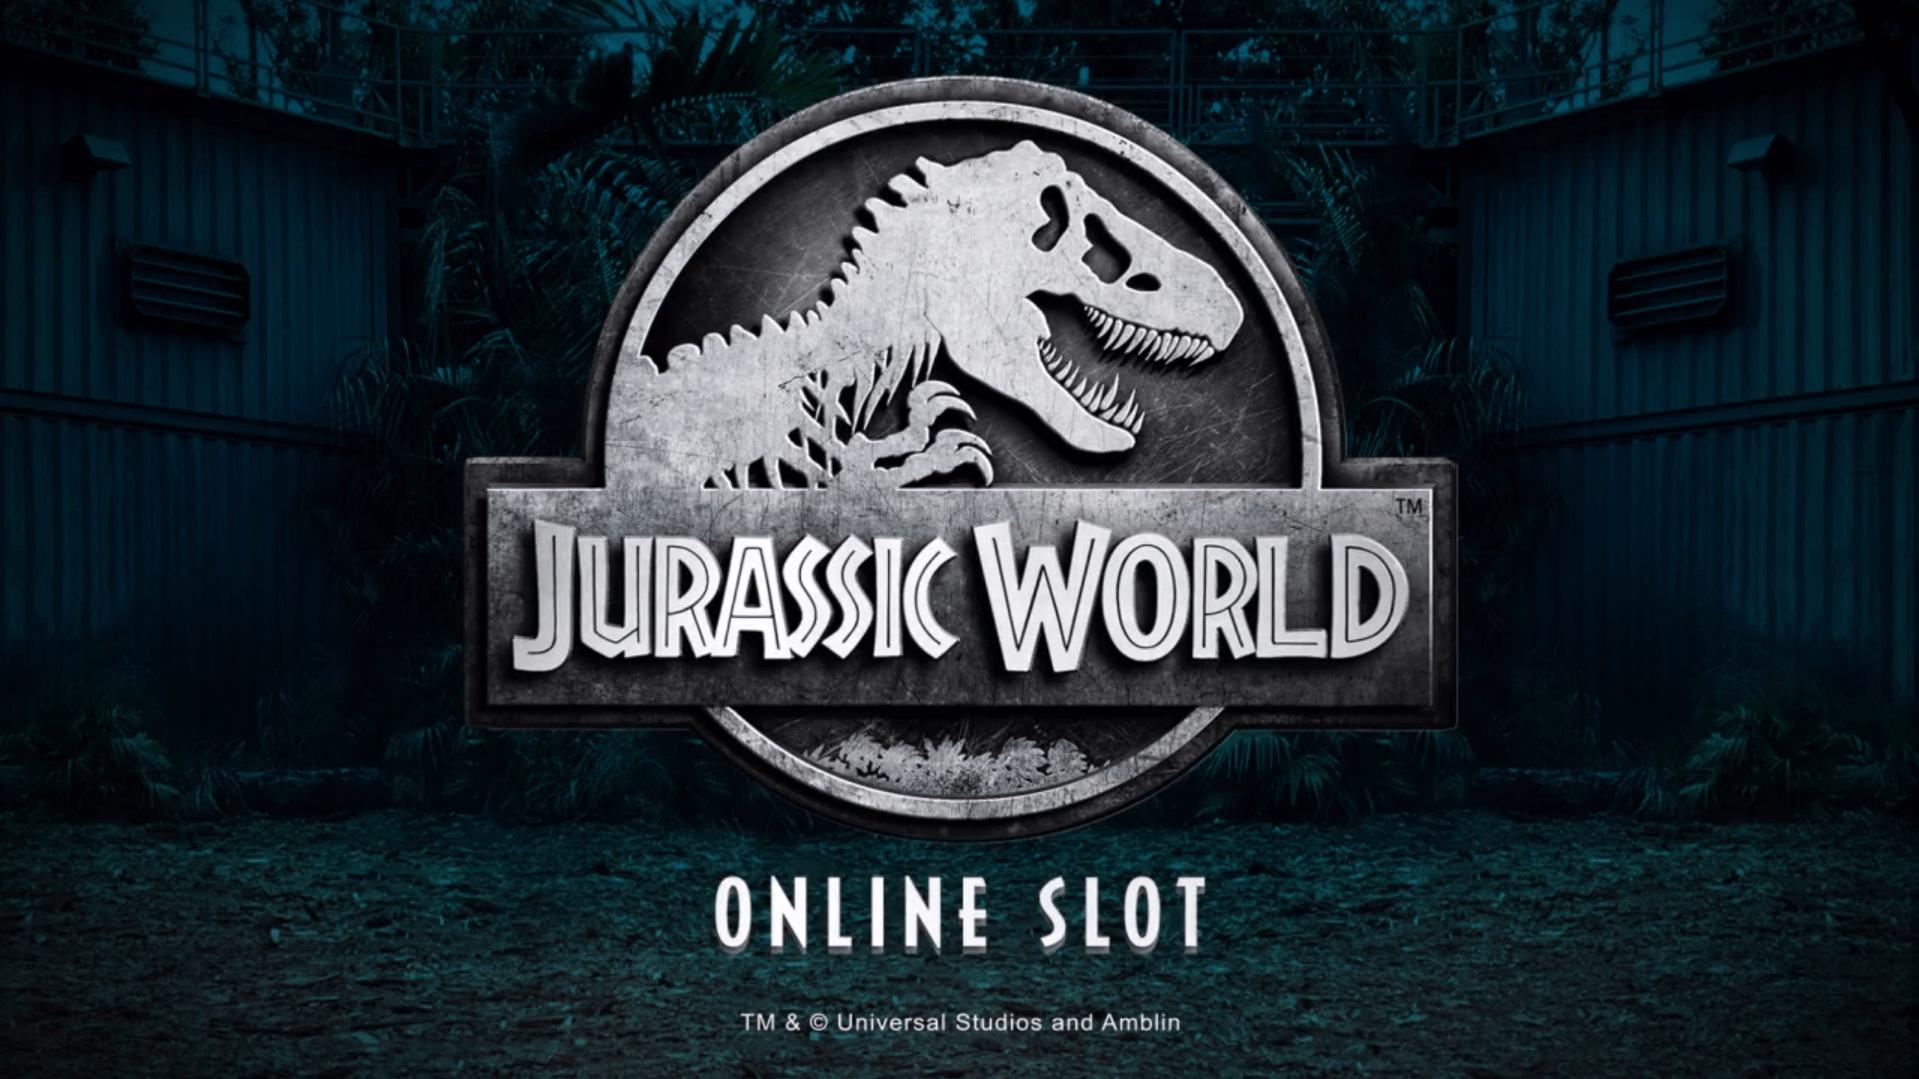 Обзор игрового автомата Jurassic World (Мир Юрского периода): Microgaming